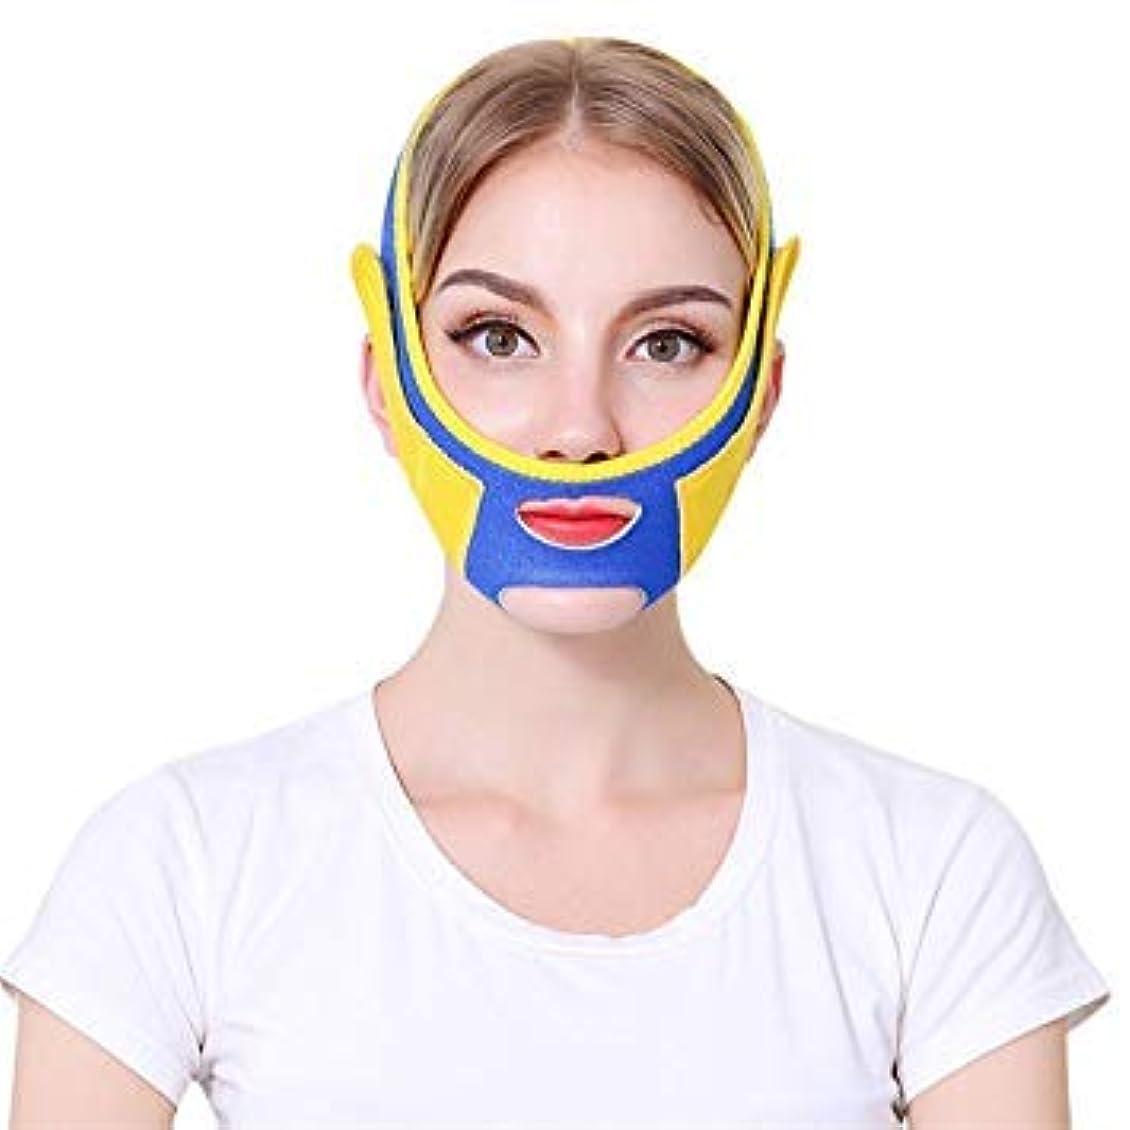 混合ポスターマインド顔のリフティングスリムウエストバンド、頬のV字型リフティング薄型マスク、滑らかで通気性のあるコンプレッションダブルあご付きで包帯を減らし、フェイスリフト/スリミング/スリープフェイス/マスクで体重を減らします (blue)